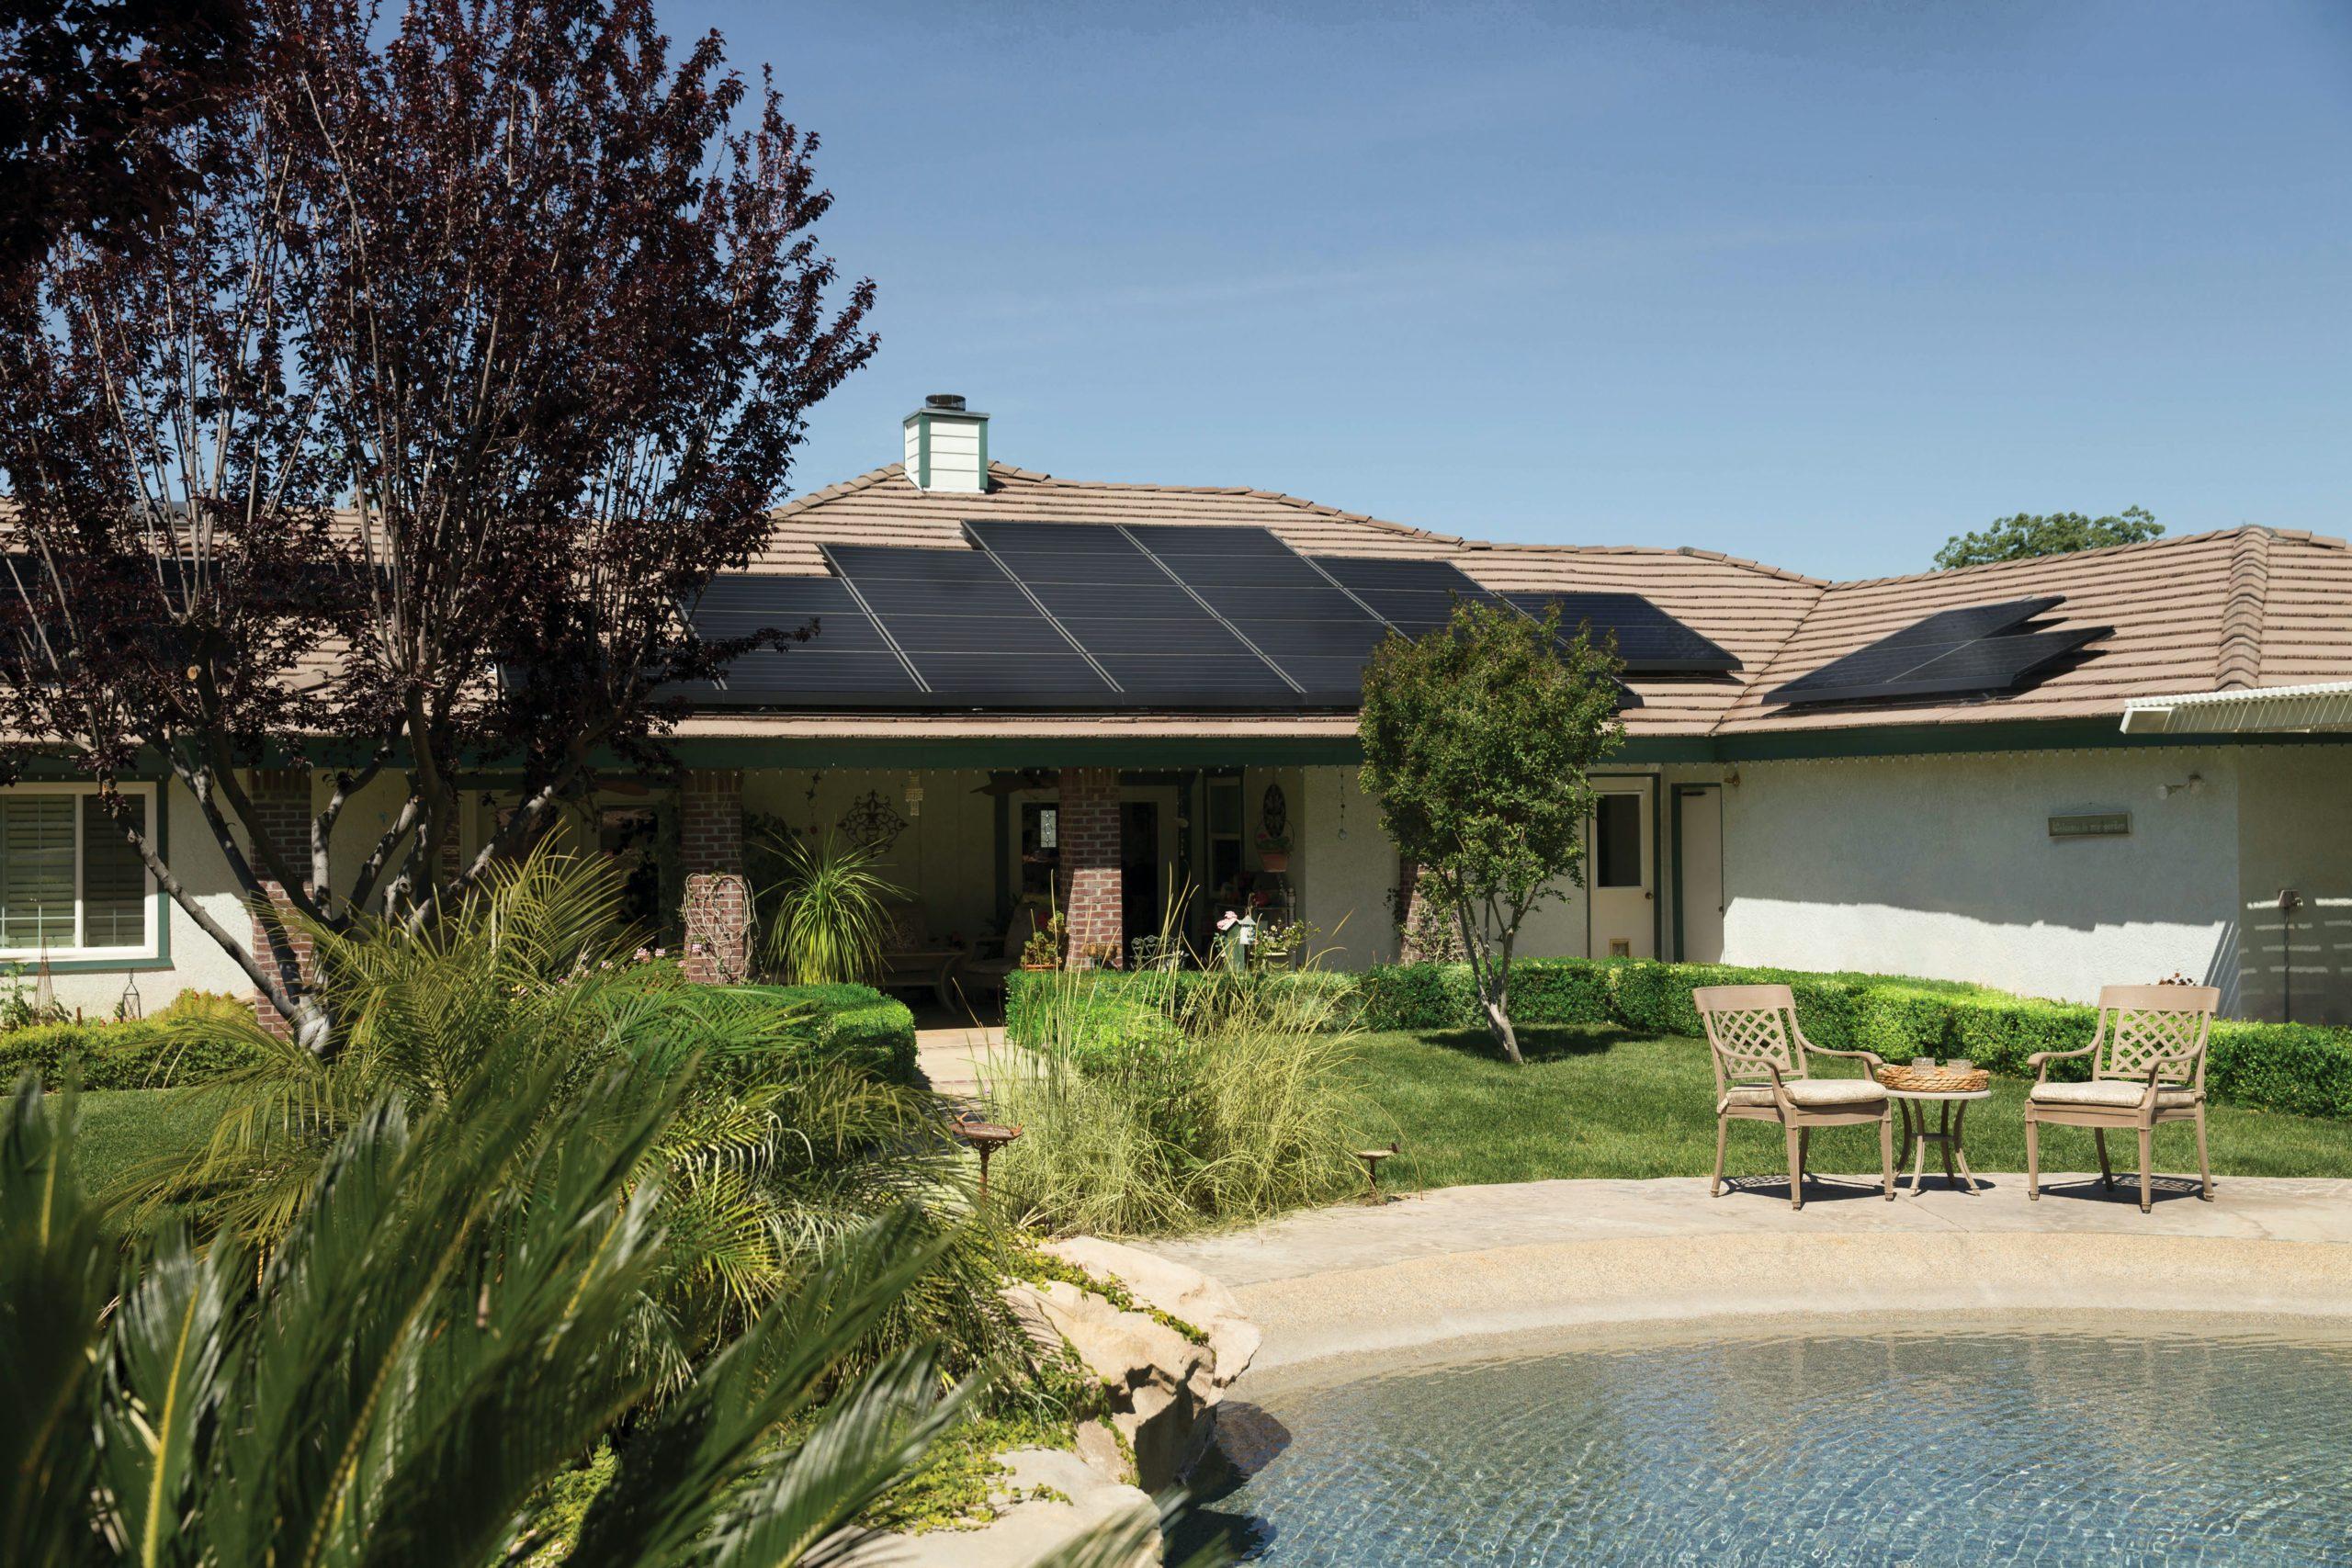 Decidete a poner paneles solares para autoconsumo y ahorra